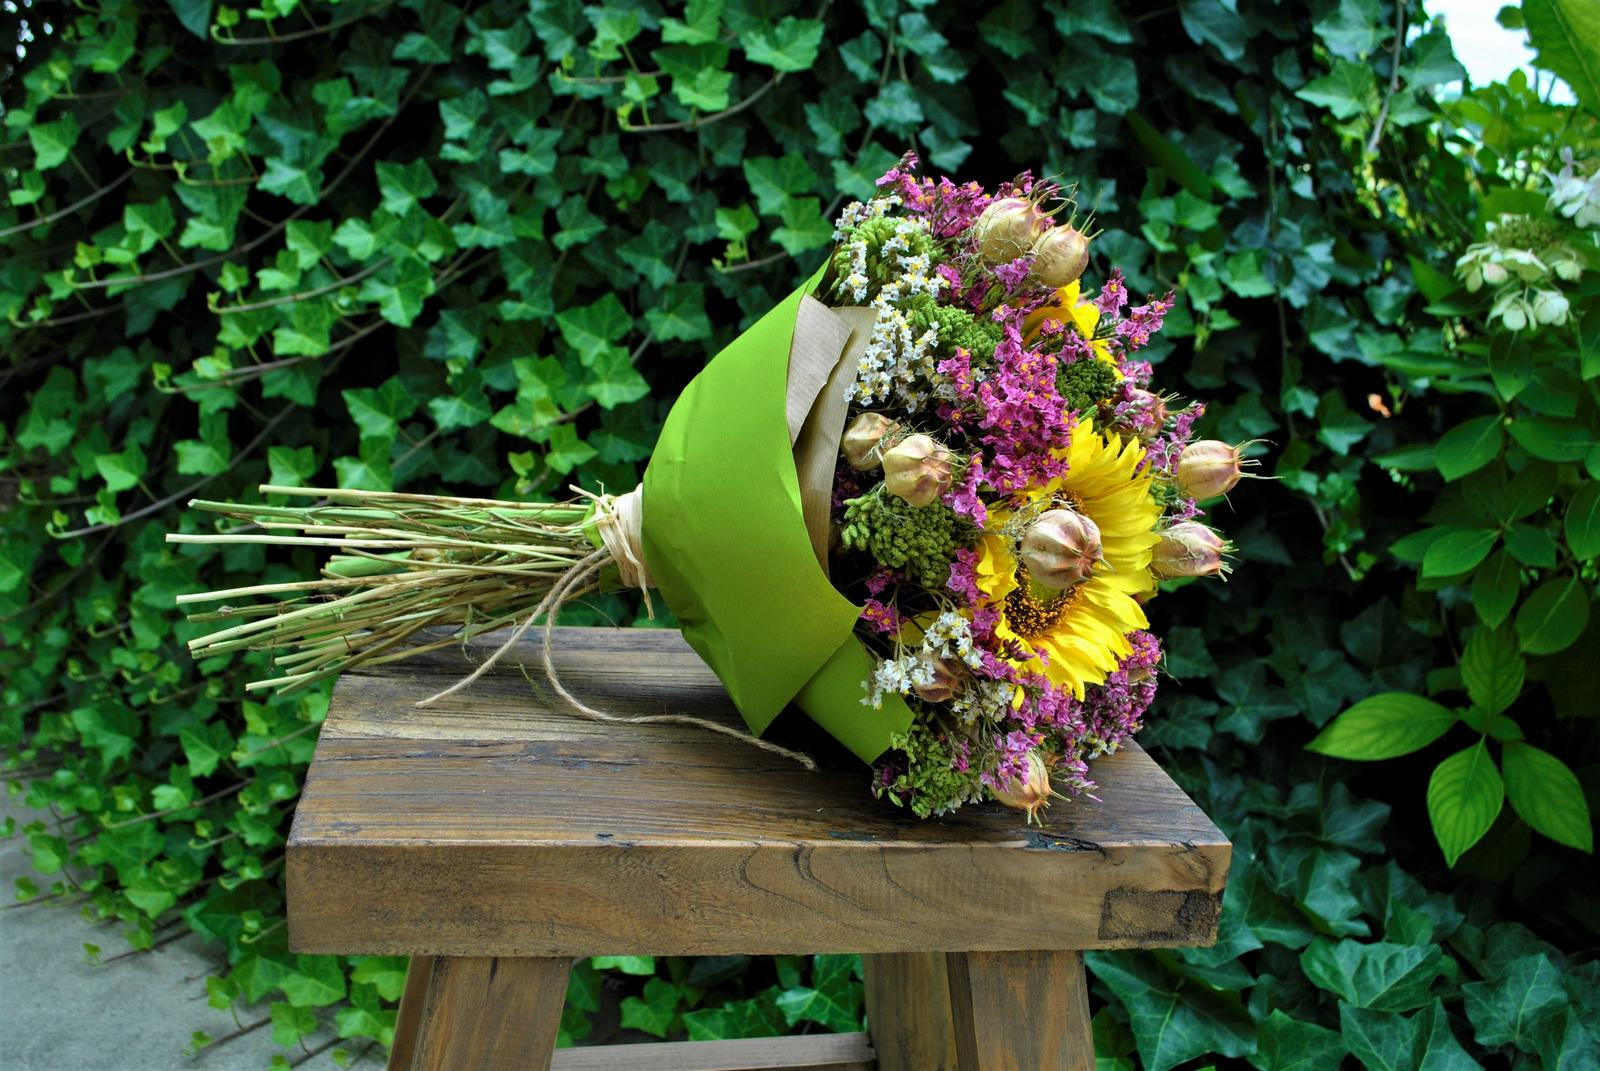 Kytica SLNEČNICE z textilných a sušených kvetov... potešenie z kvetov na dlhú dobu , kyticu aj samotné kvety nájdete v našej ponuke e-shopu - Obrázok č. 9